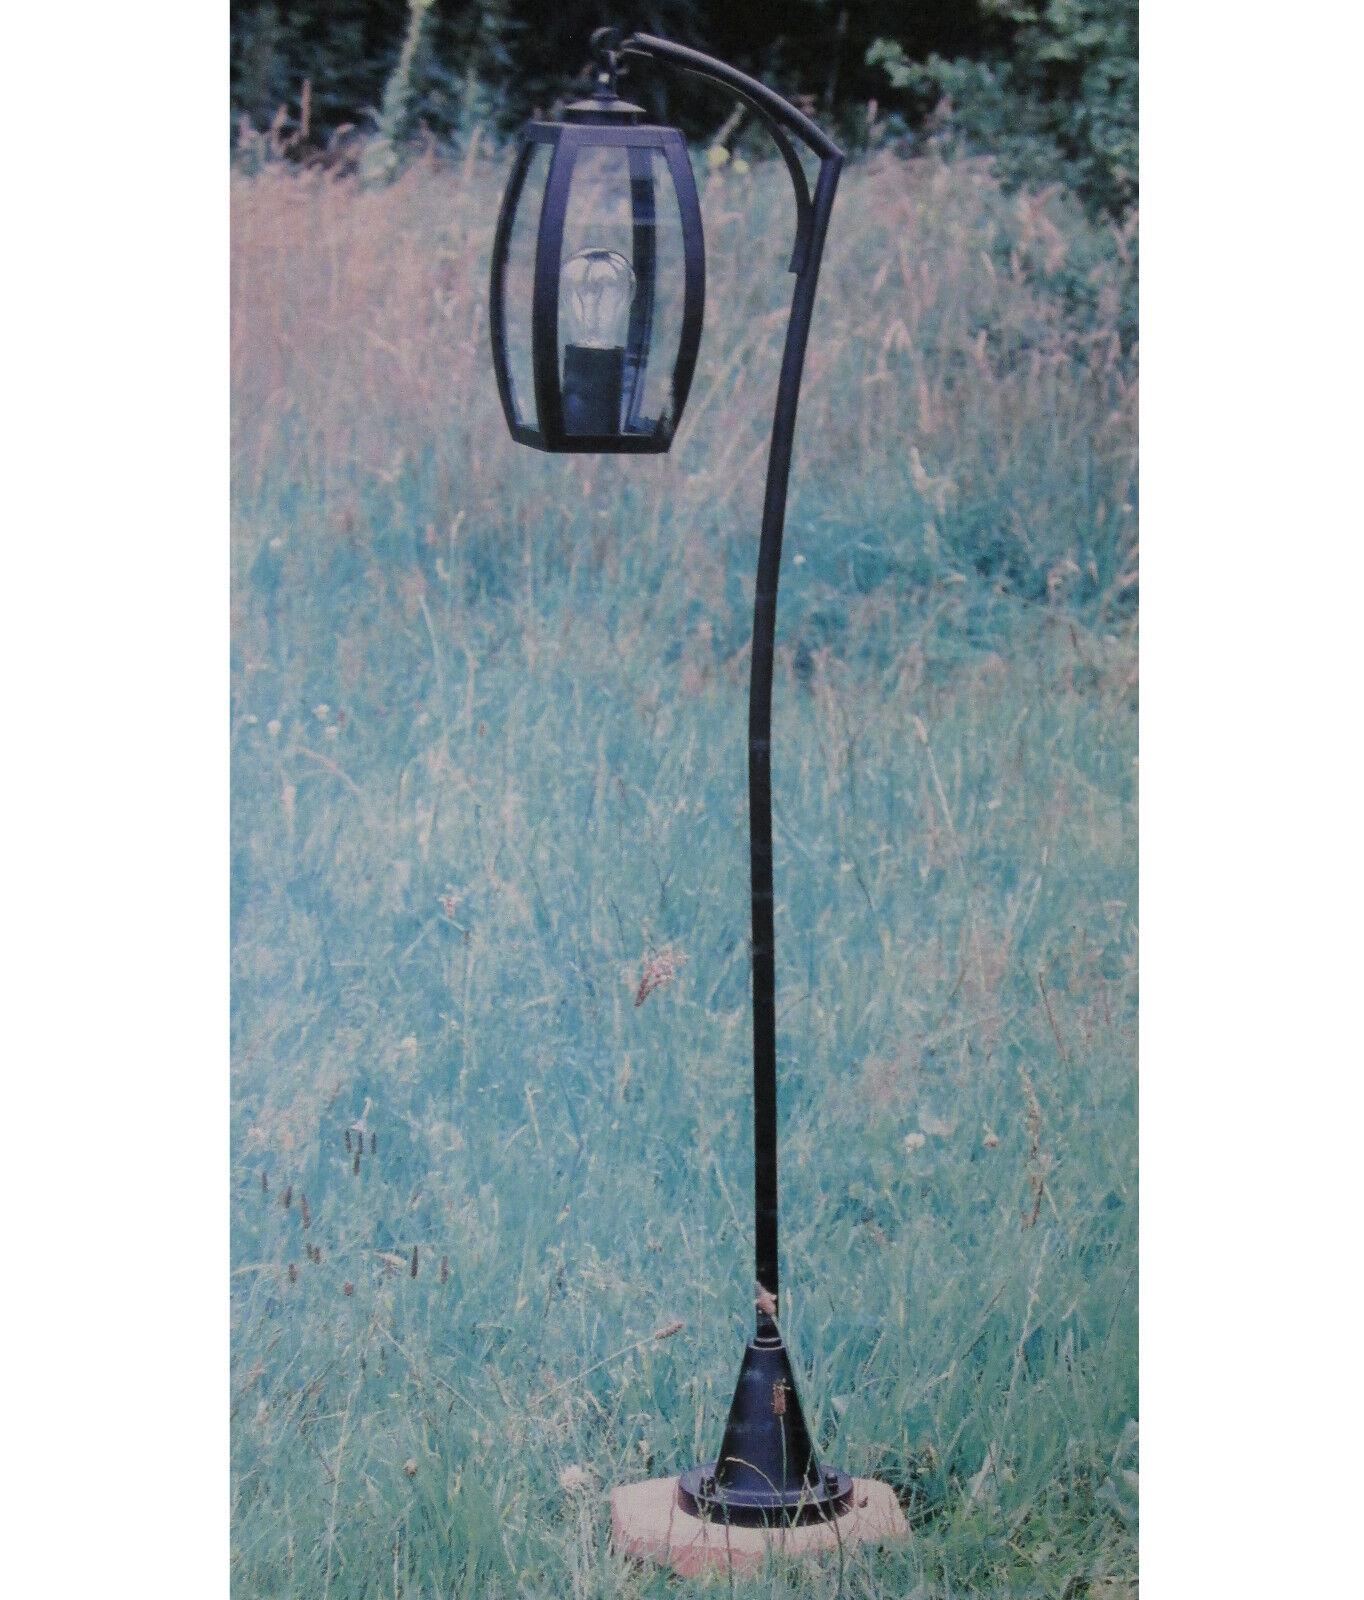 Außenlampe Stehleuchte Hänge Laterne Boden Garten Wege Lampe ANTEA E27 Schwarz